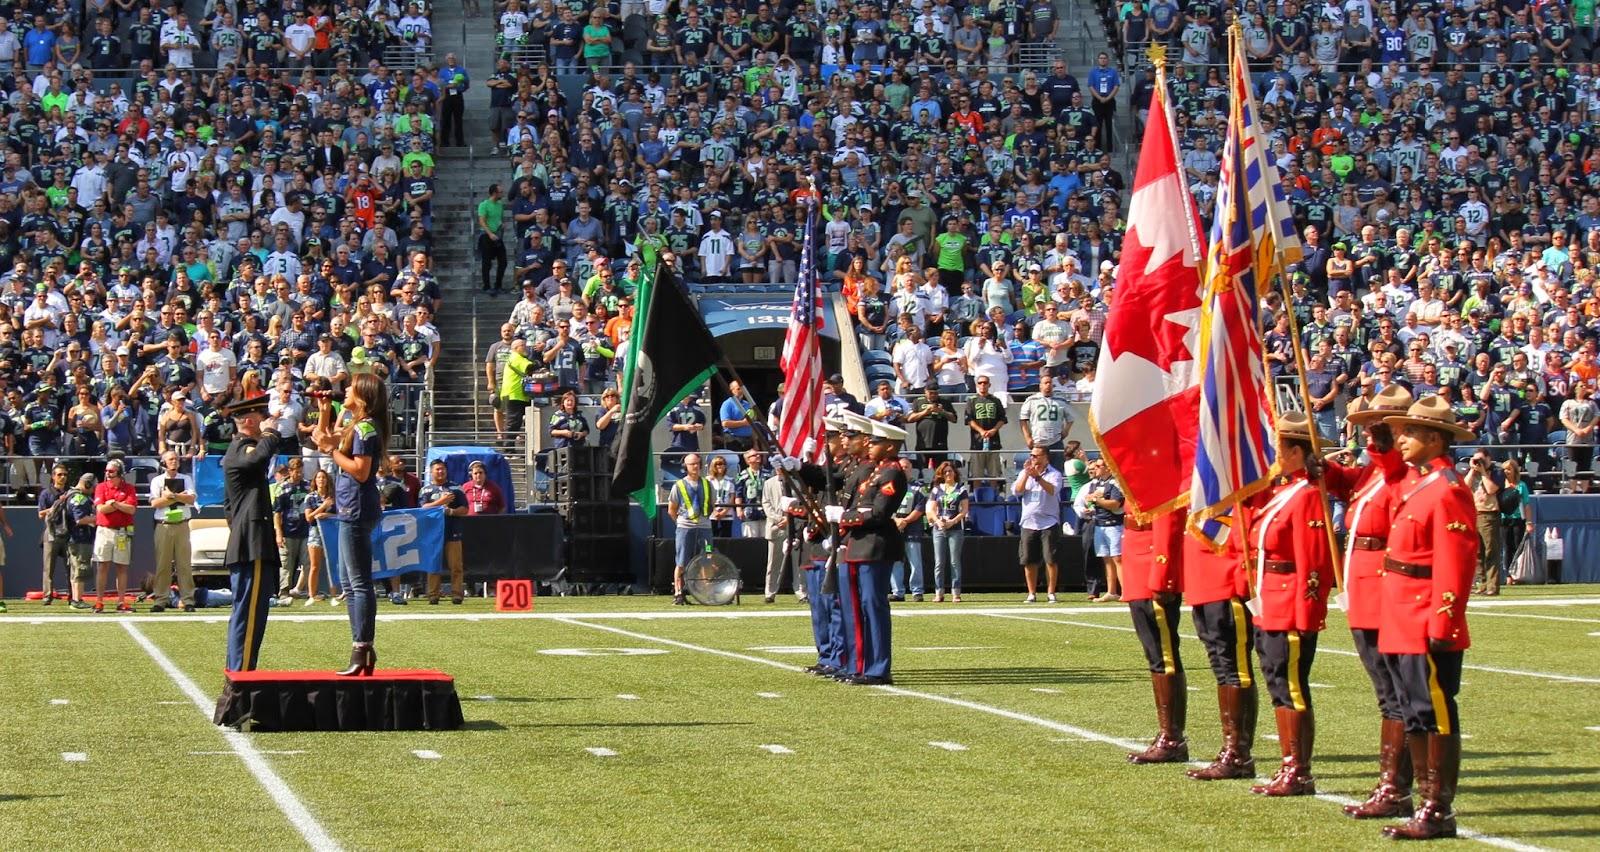 Vancouver anthem singer